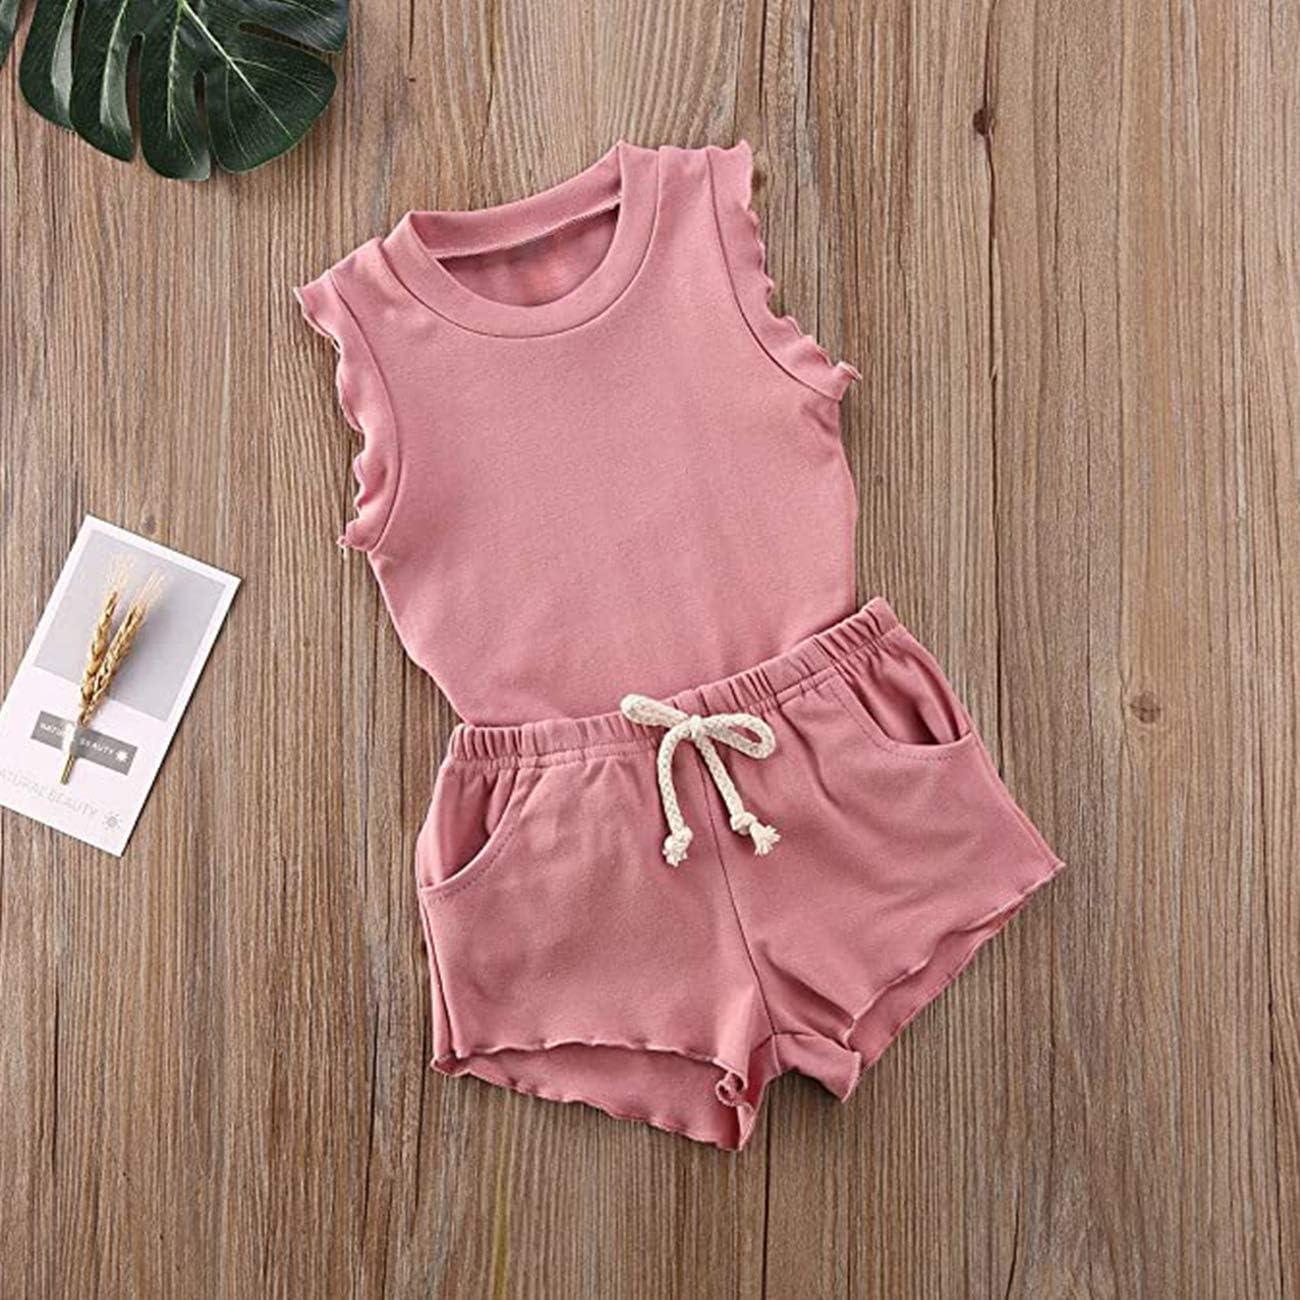 1 Pantalones Cortos Camuflaje Verano Playa Ropa Conjuntos para Beb/é Reci/én Nacido Ni/ño 2 Piezas 1 Camiseta sin Mangas con Cocodrilo